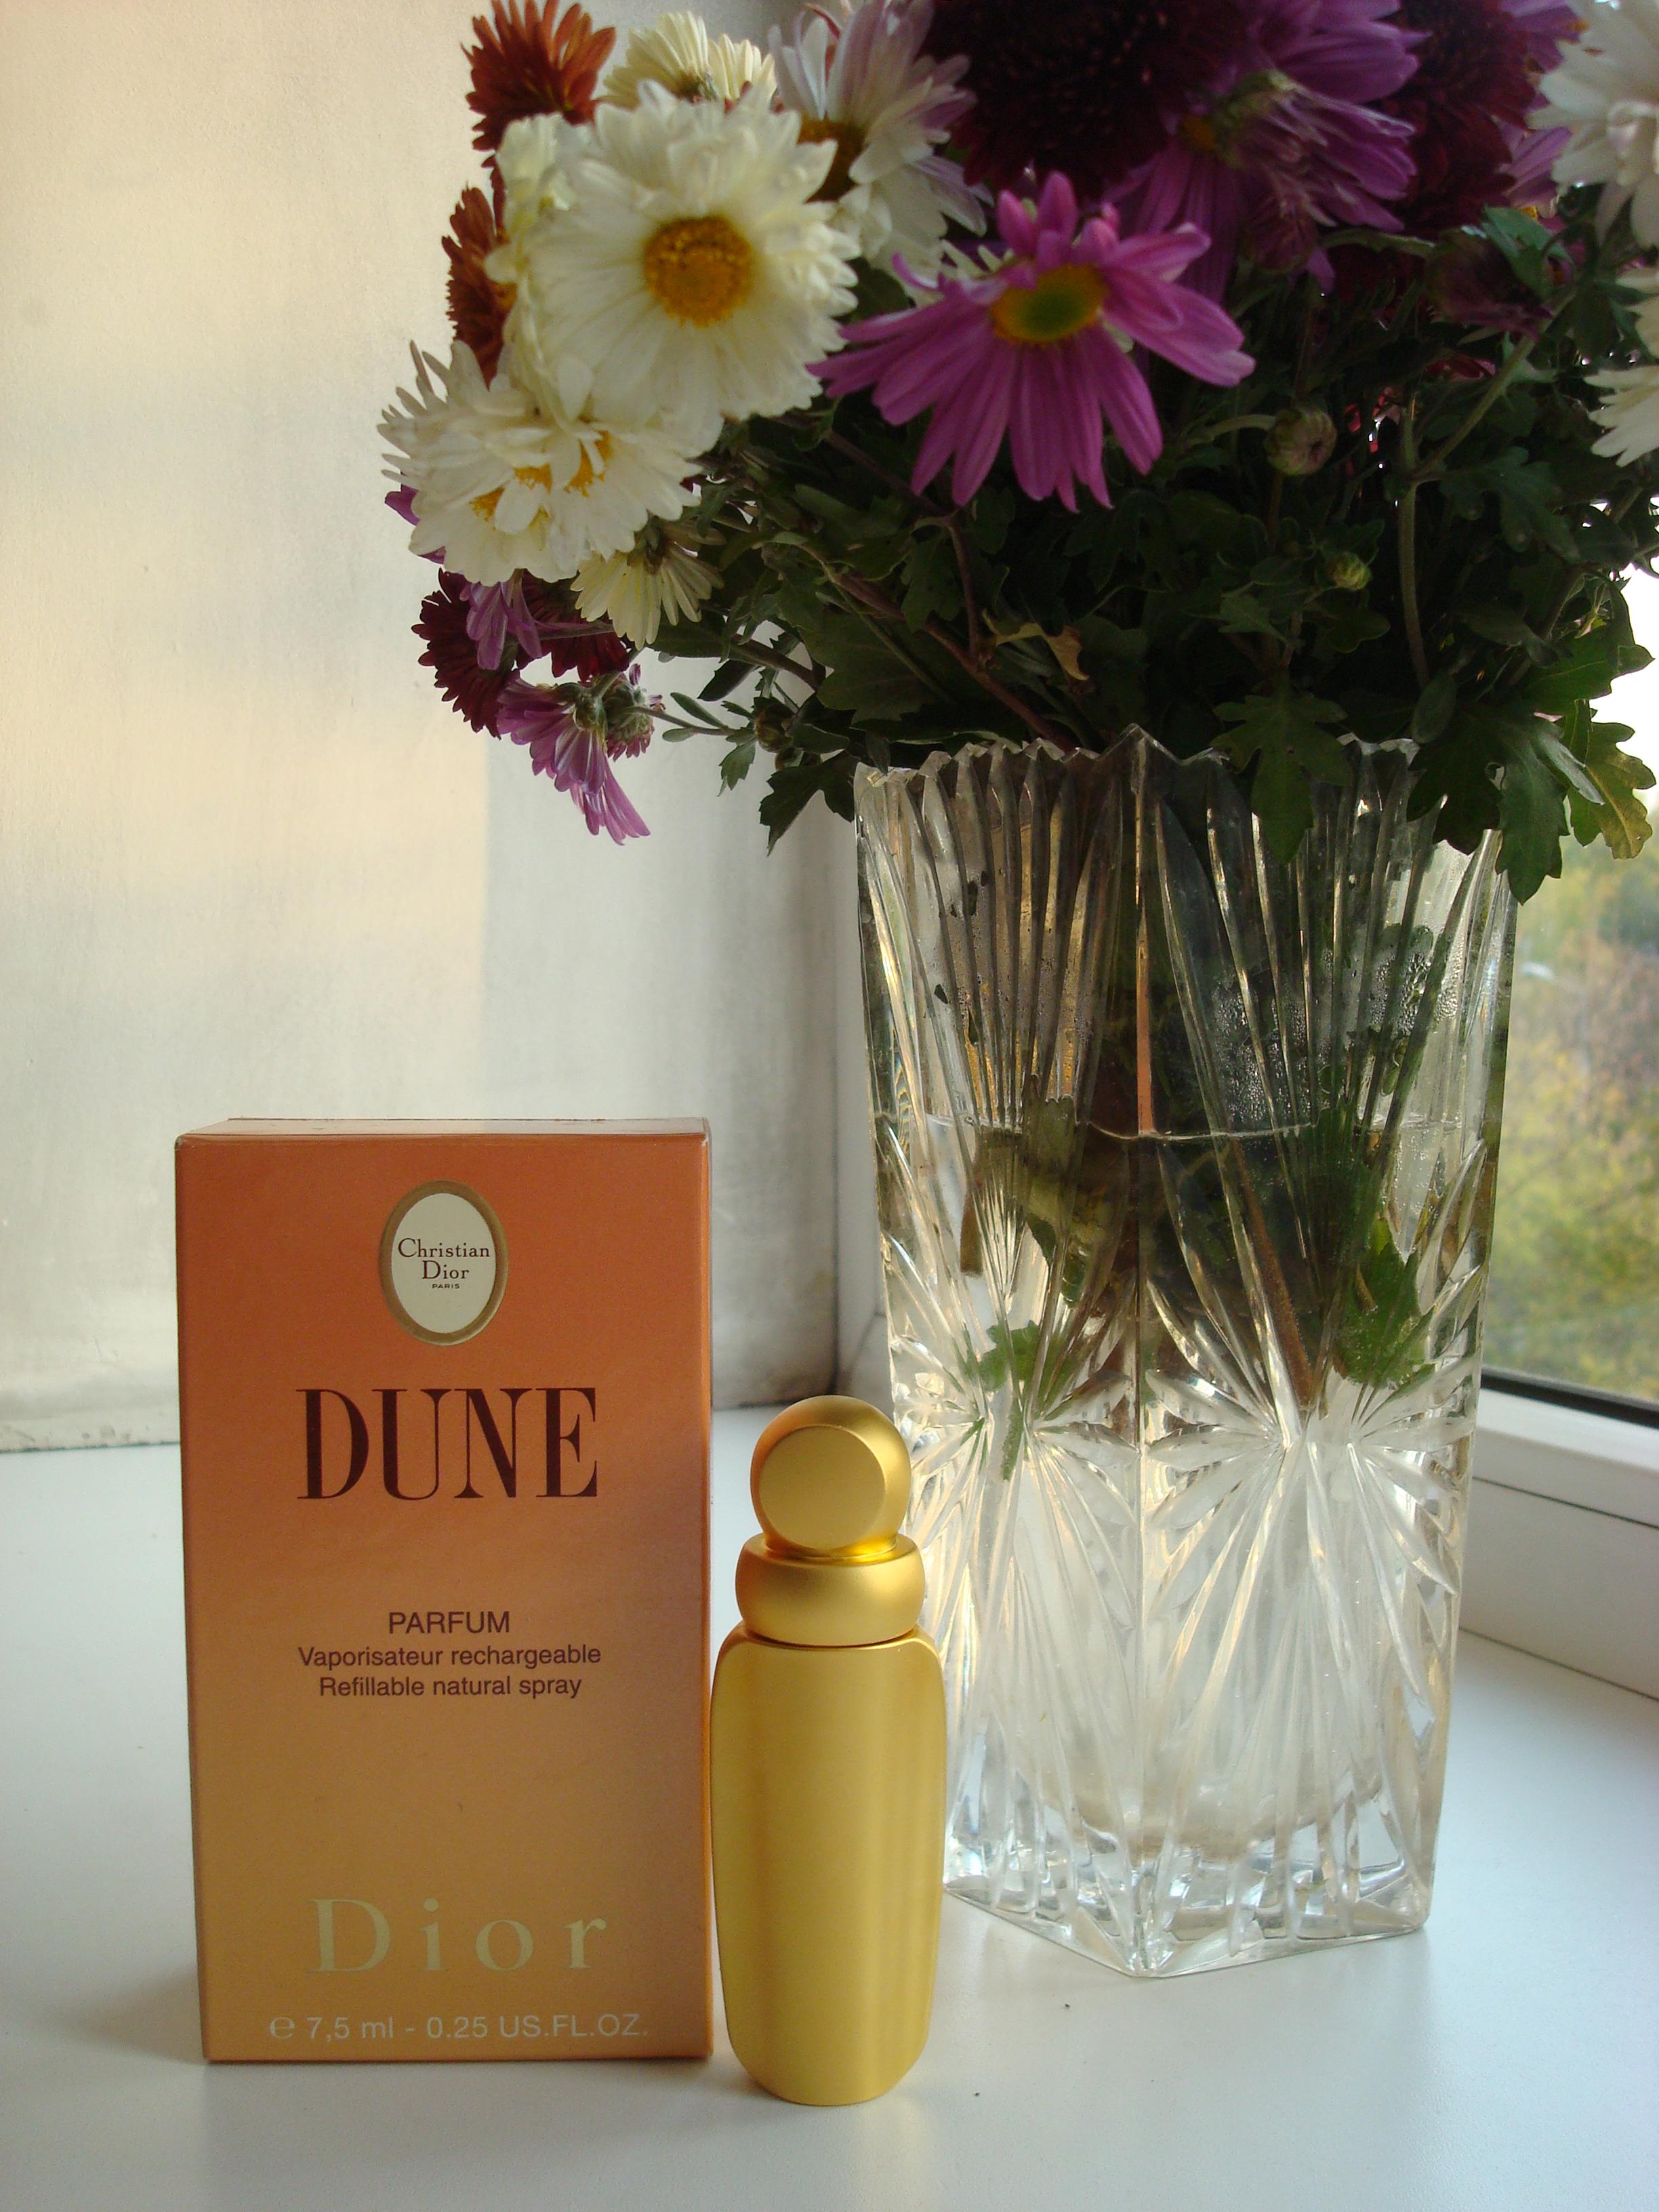 Парфюм дня - пожилые духи Dior Dune